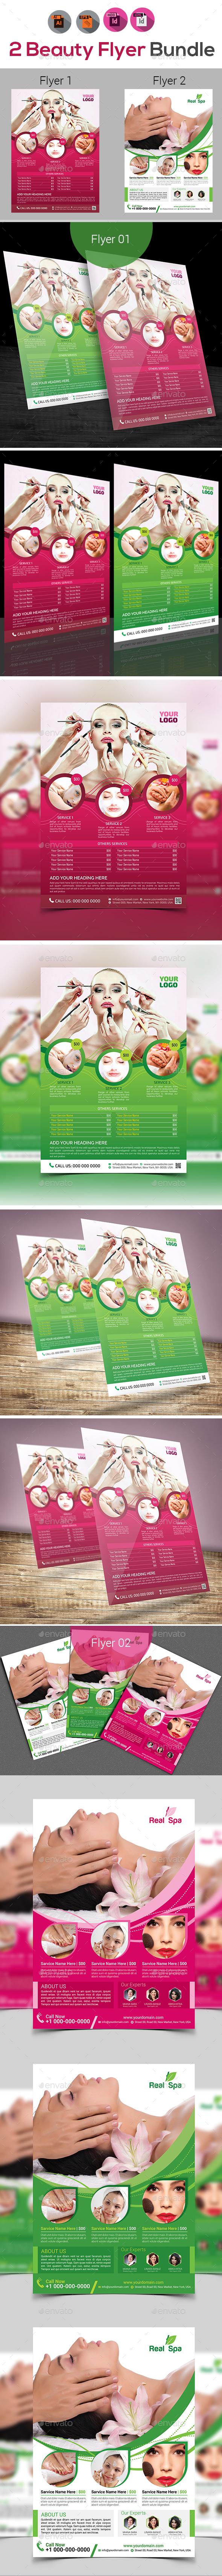 Spa & Beauty Saloon Flyer Bundle - Flyers Print Templates